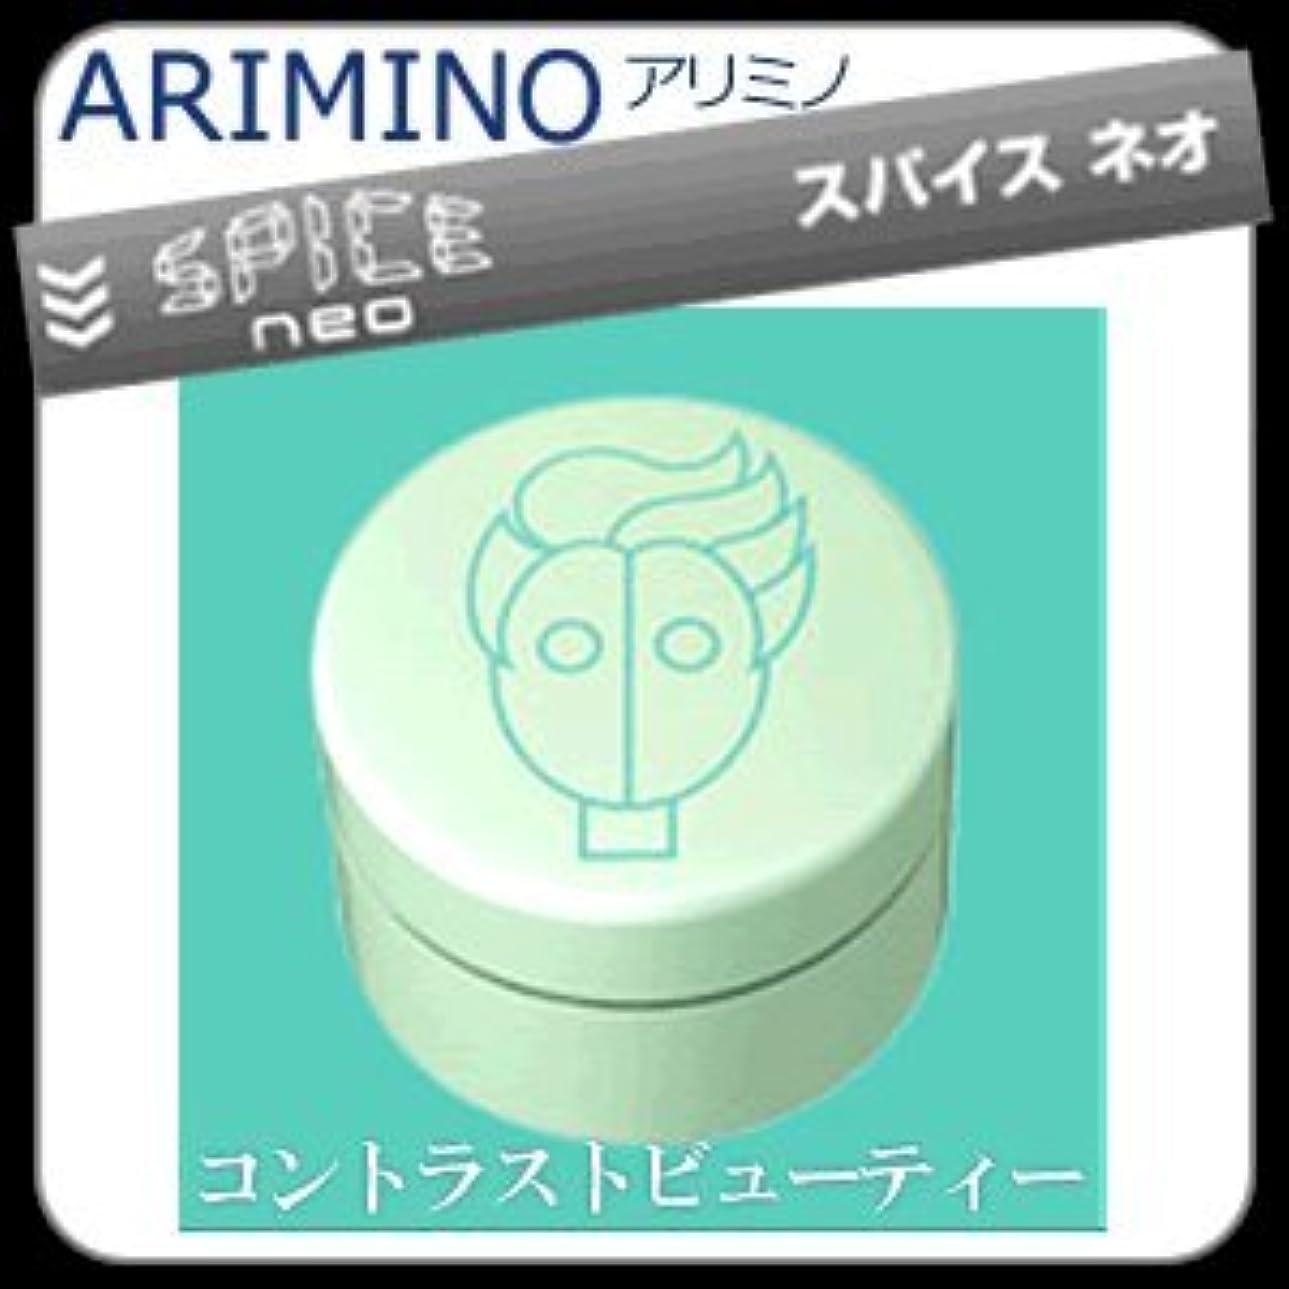 隠文字通りタバコ【X5個セット】 アリミノ スパイスネオ GREASE-WAX グリースワックス 100g ARIMINO SPICE neo